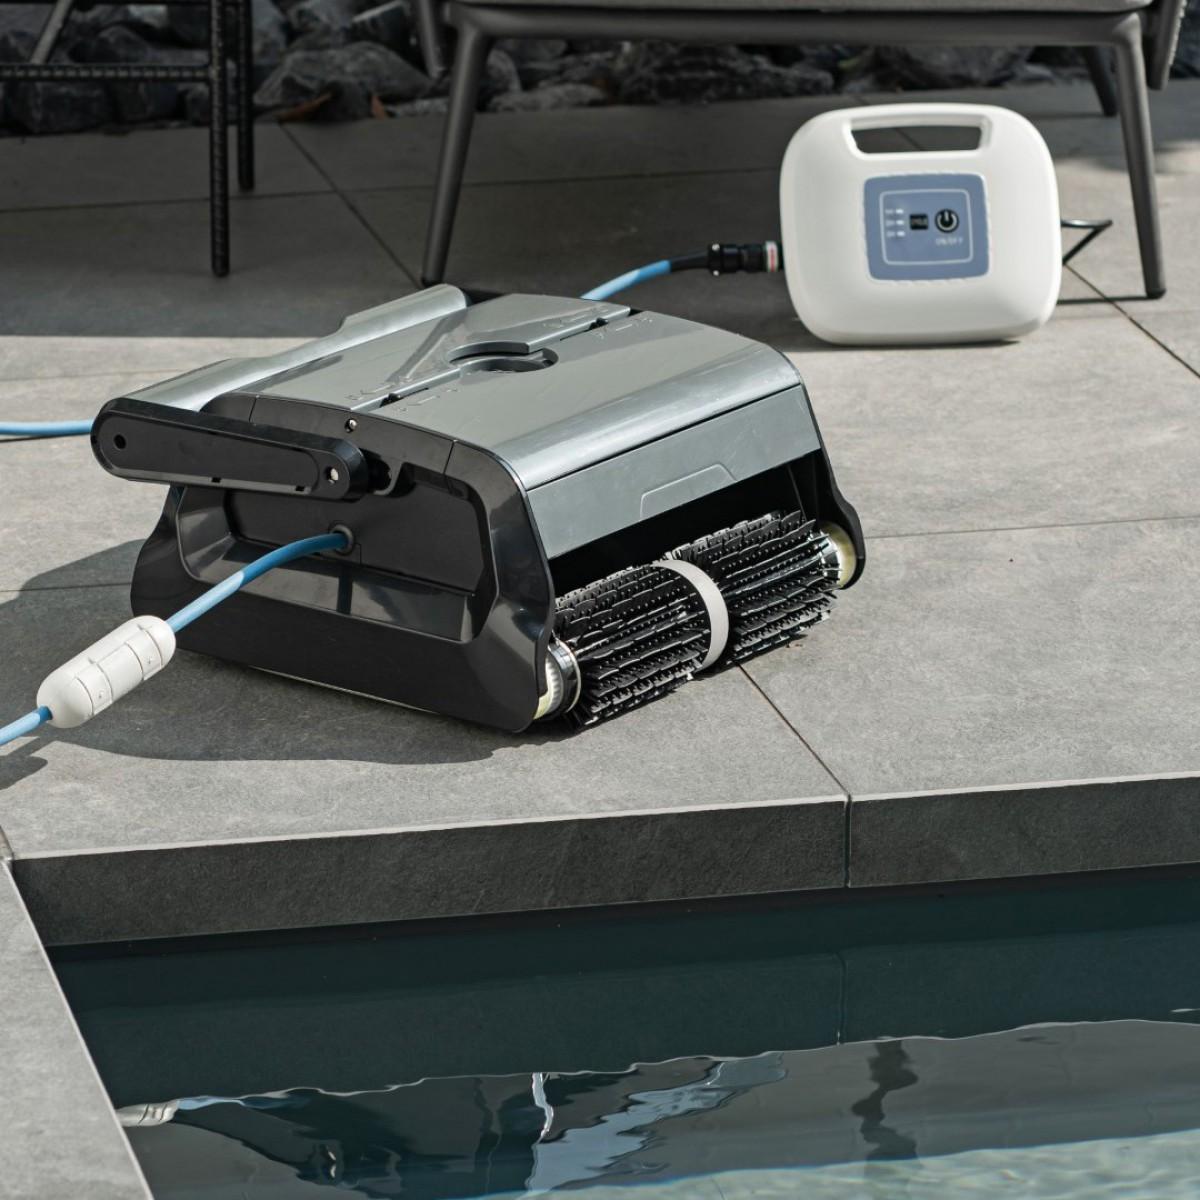 Robot de piscine Robotclean 3 Pool - Ubbink